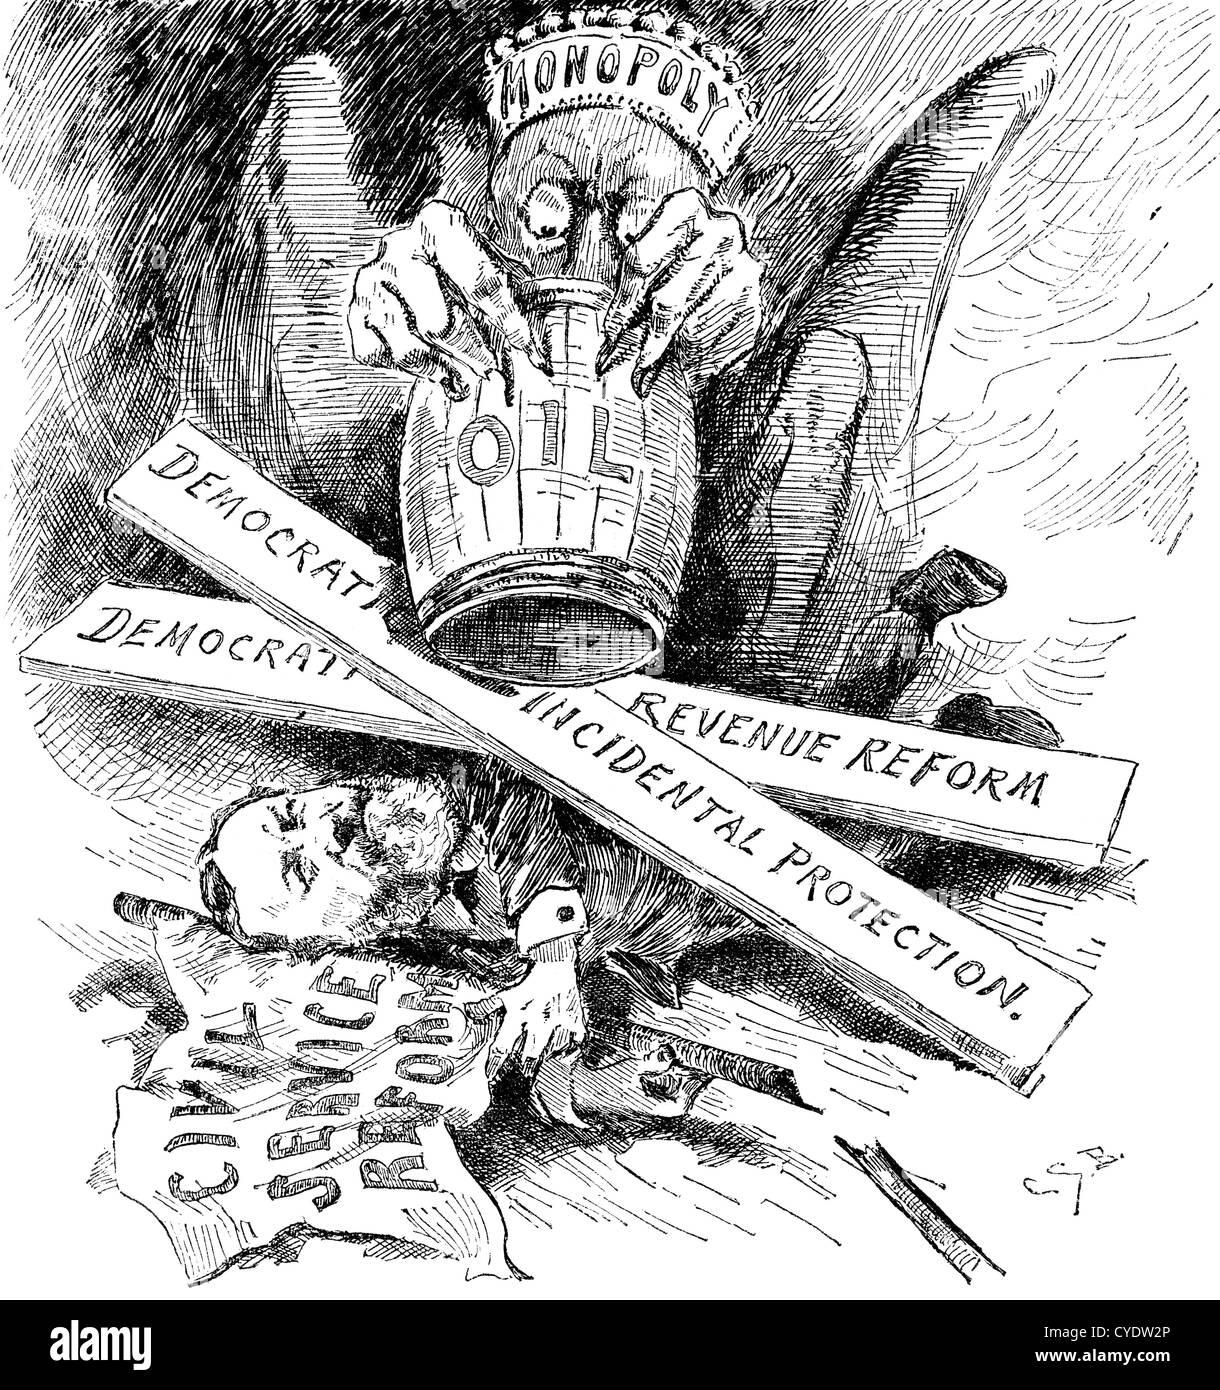 L'huile standard dragon monopole écrasant la réforme de la fonction publique, dessin animé, années Photo Stock